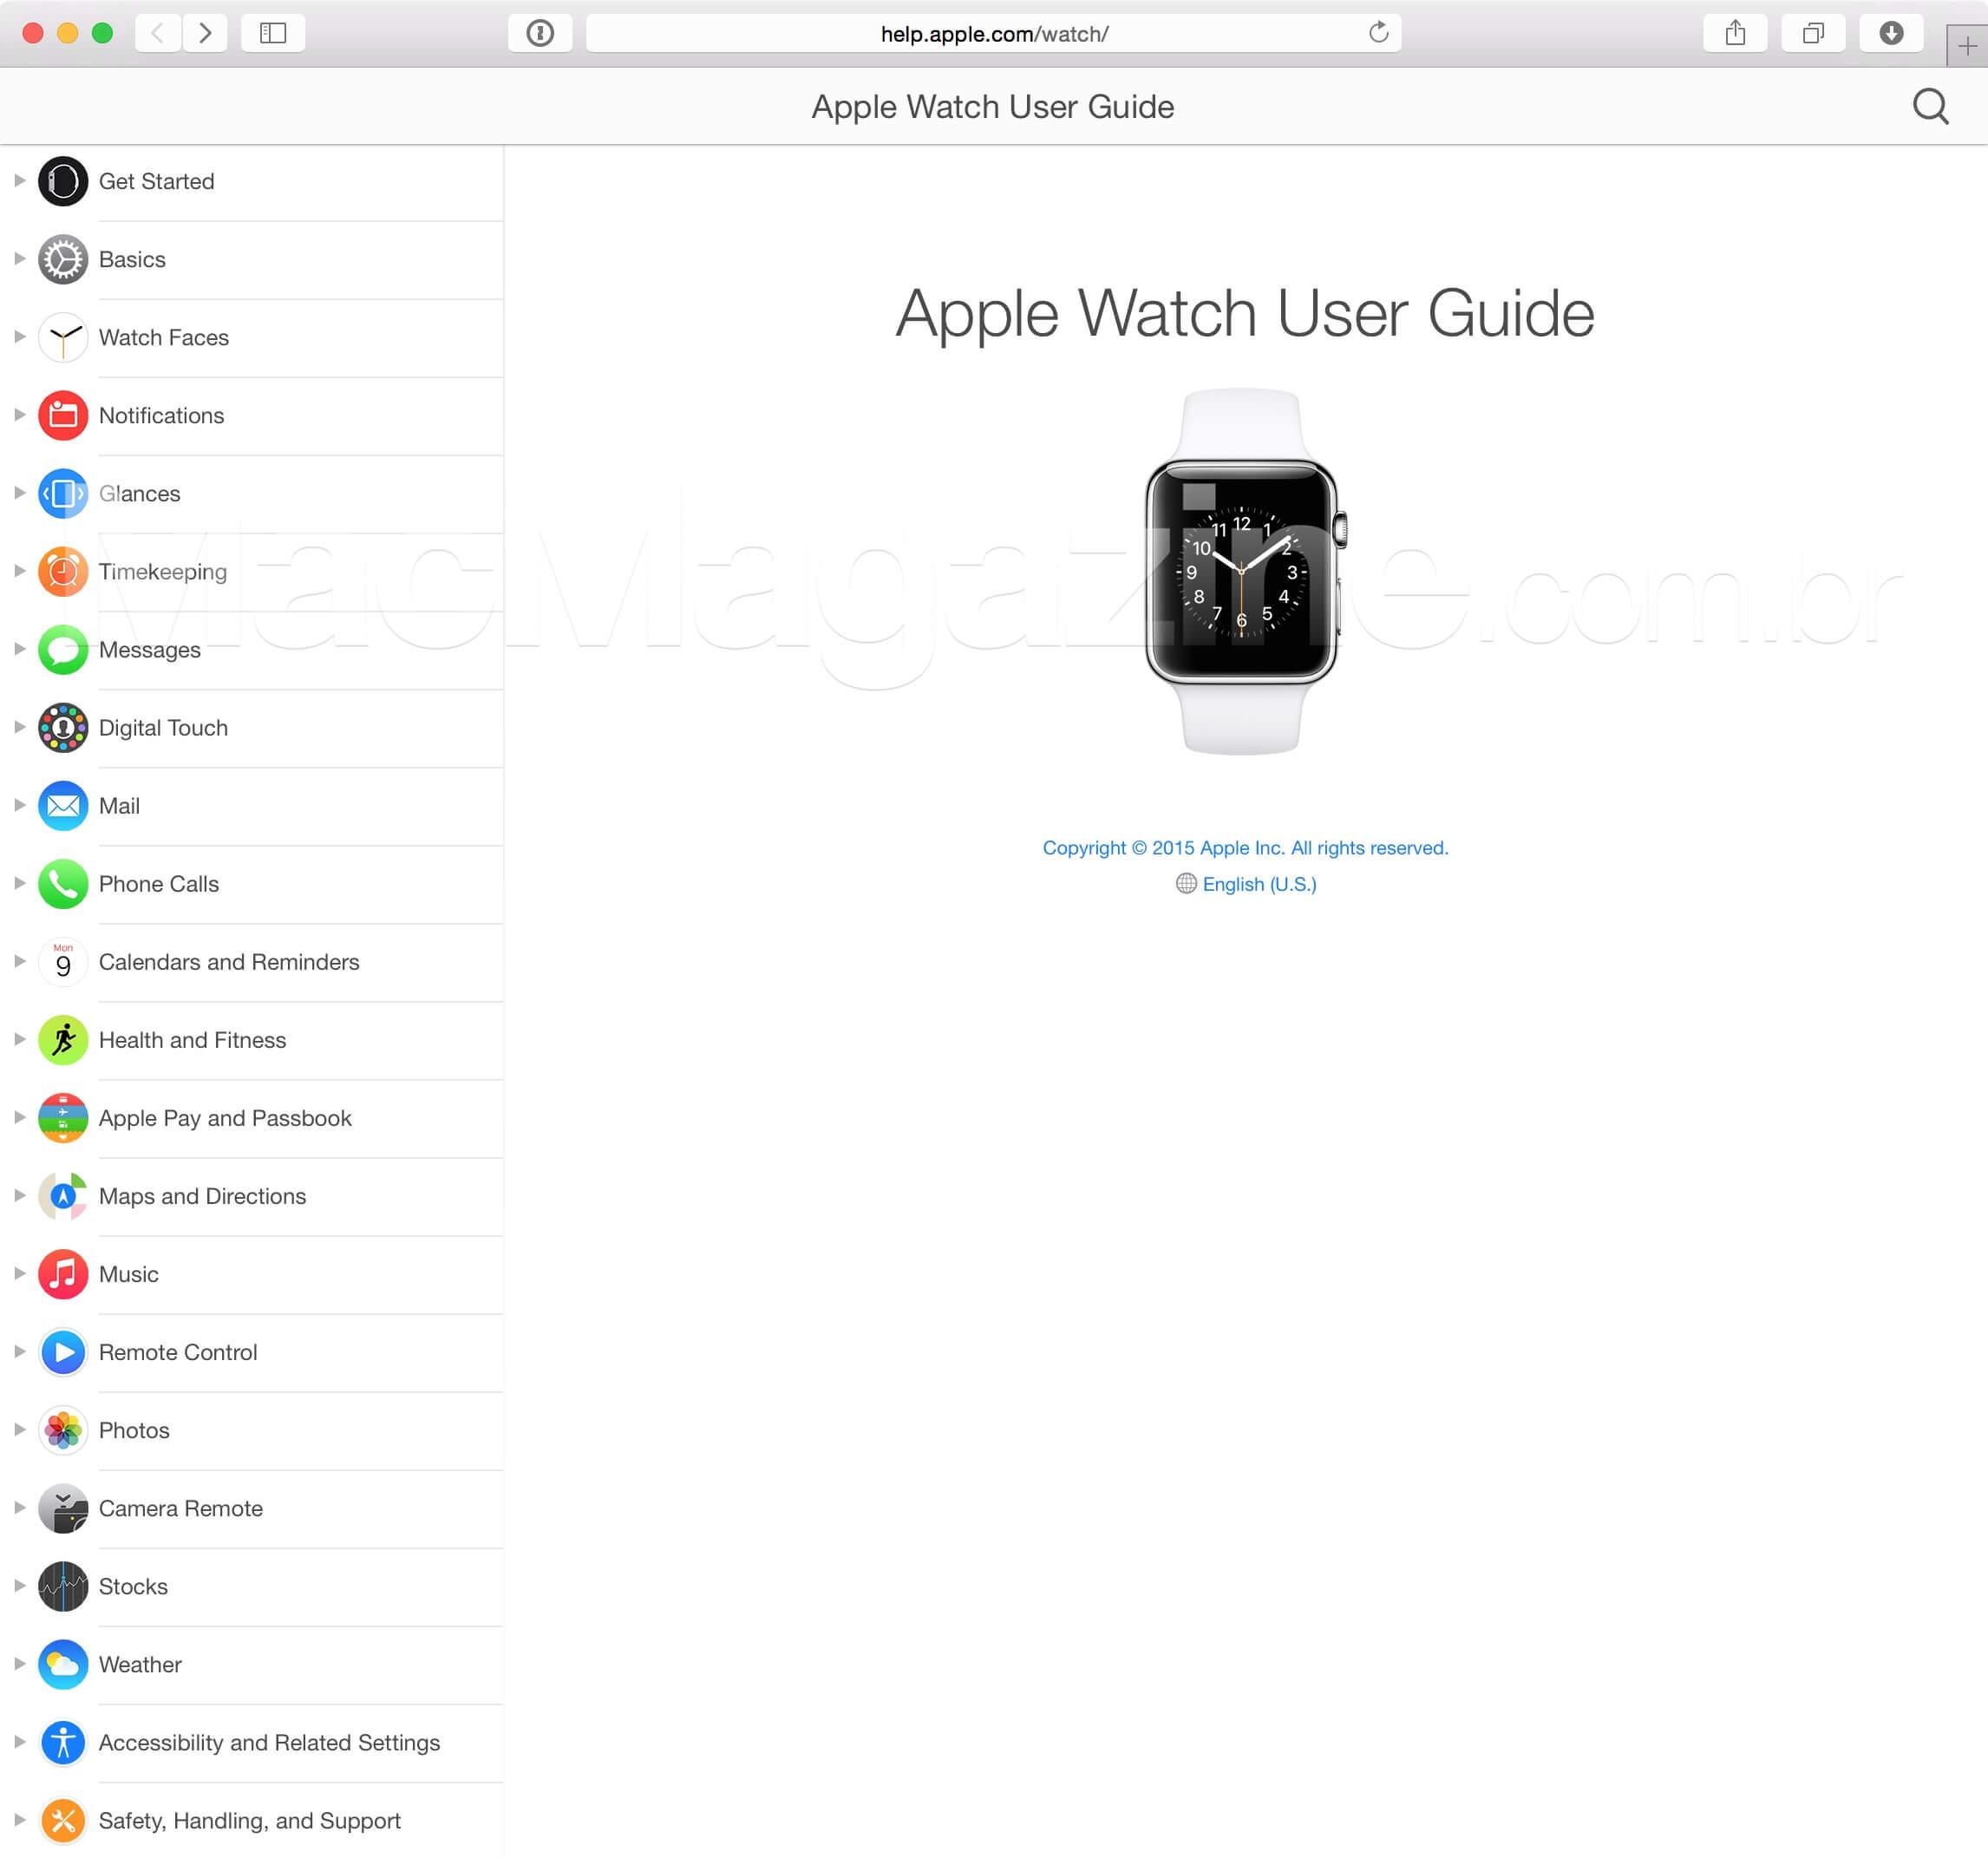 User Guide (Apple Watch)